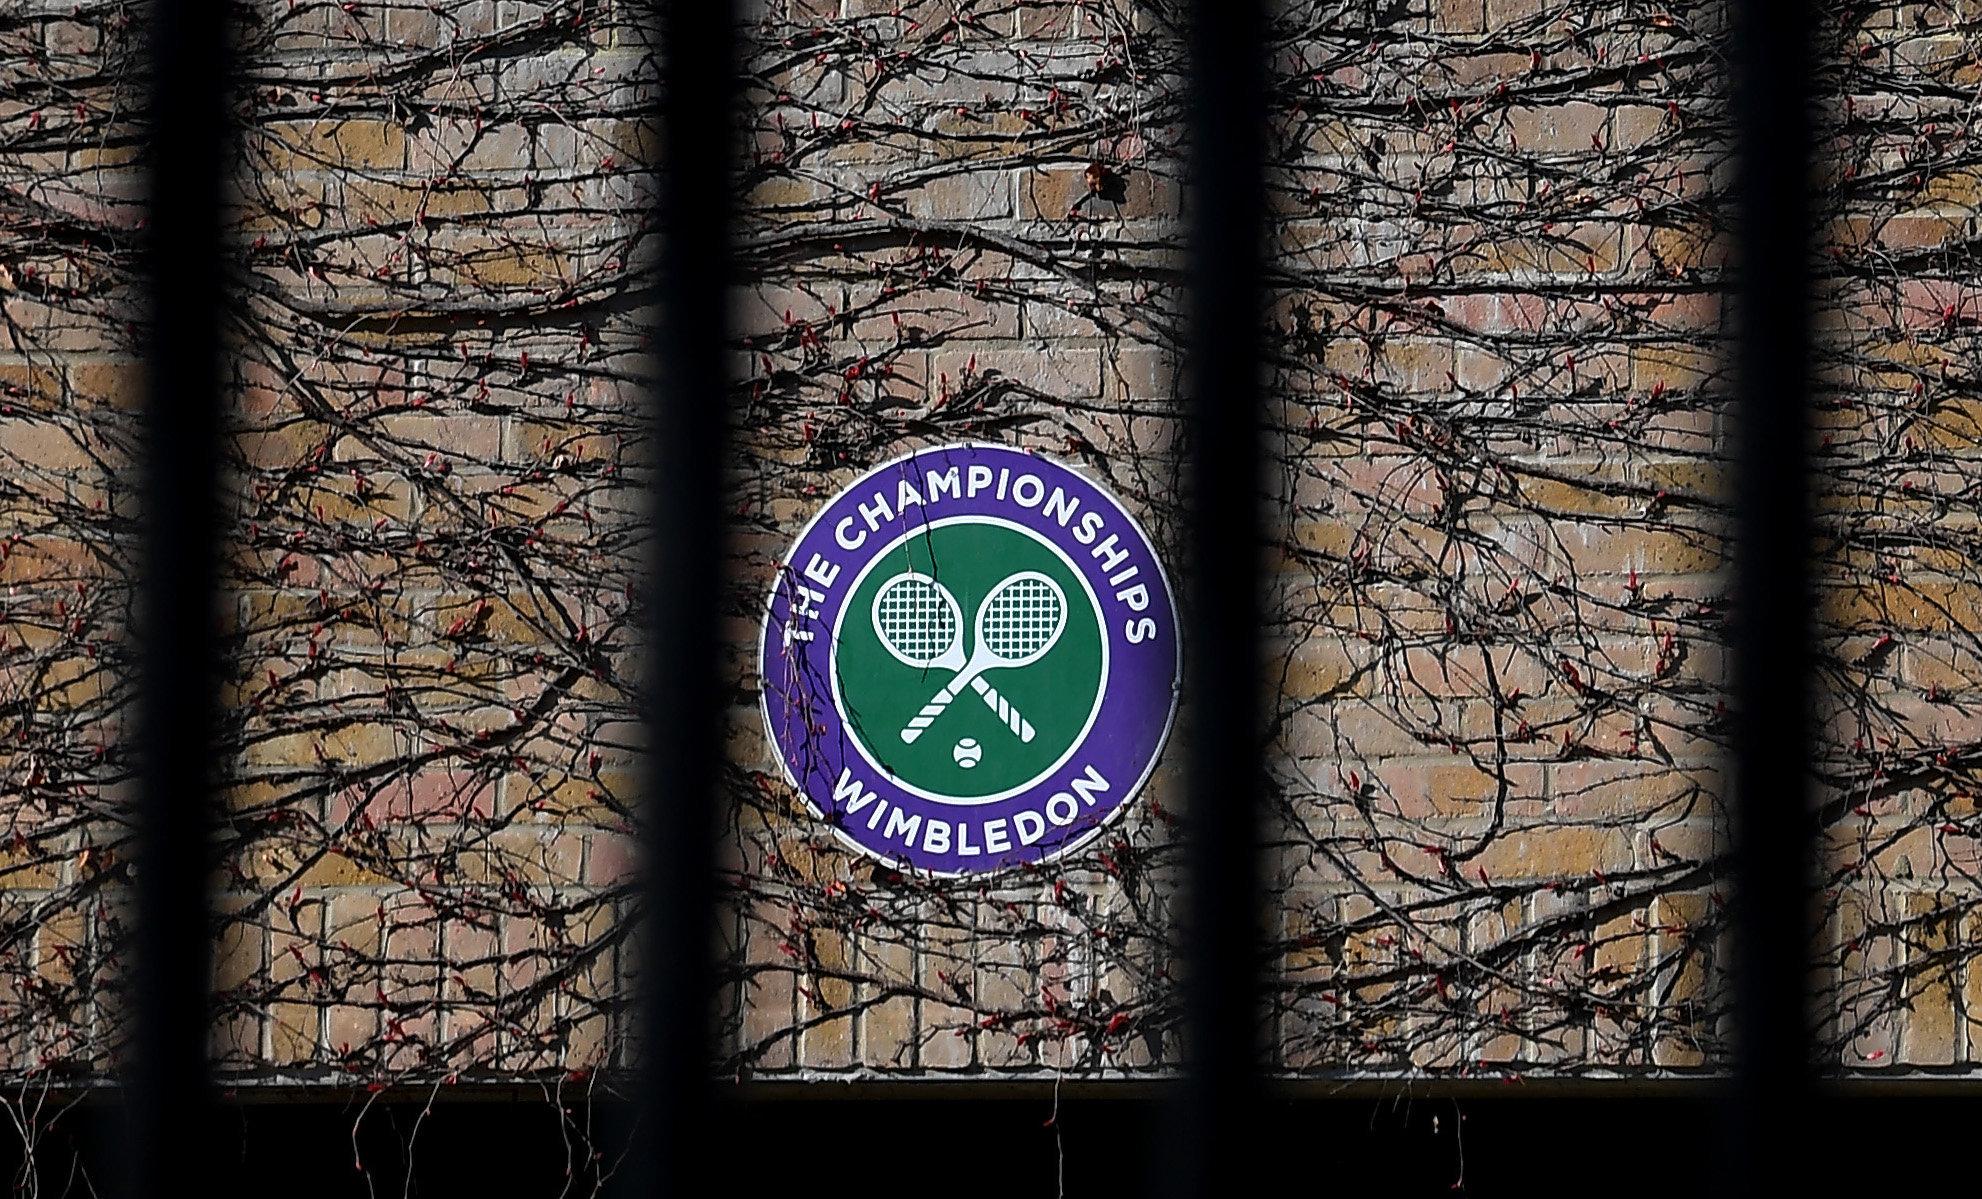 Глава Уимблдона: «Оптимист во мне верит, что в этом году теннис вернется»